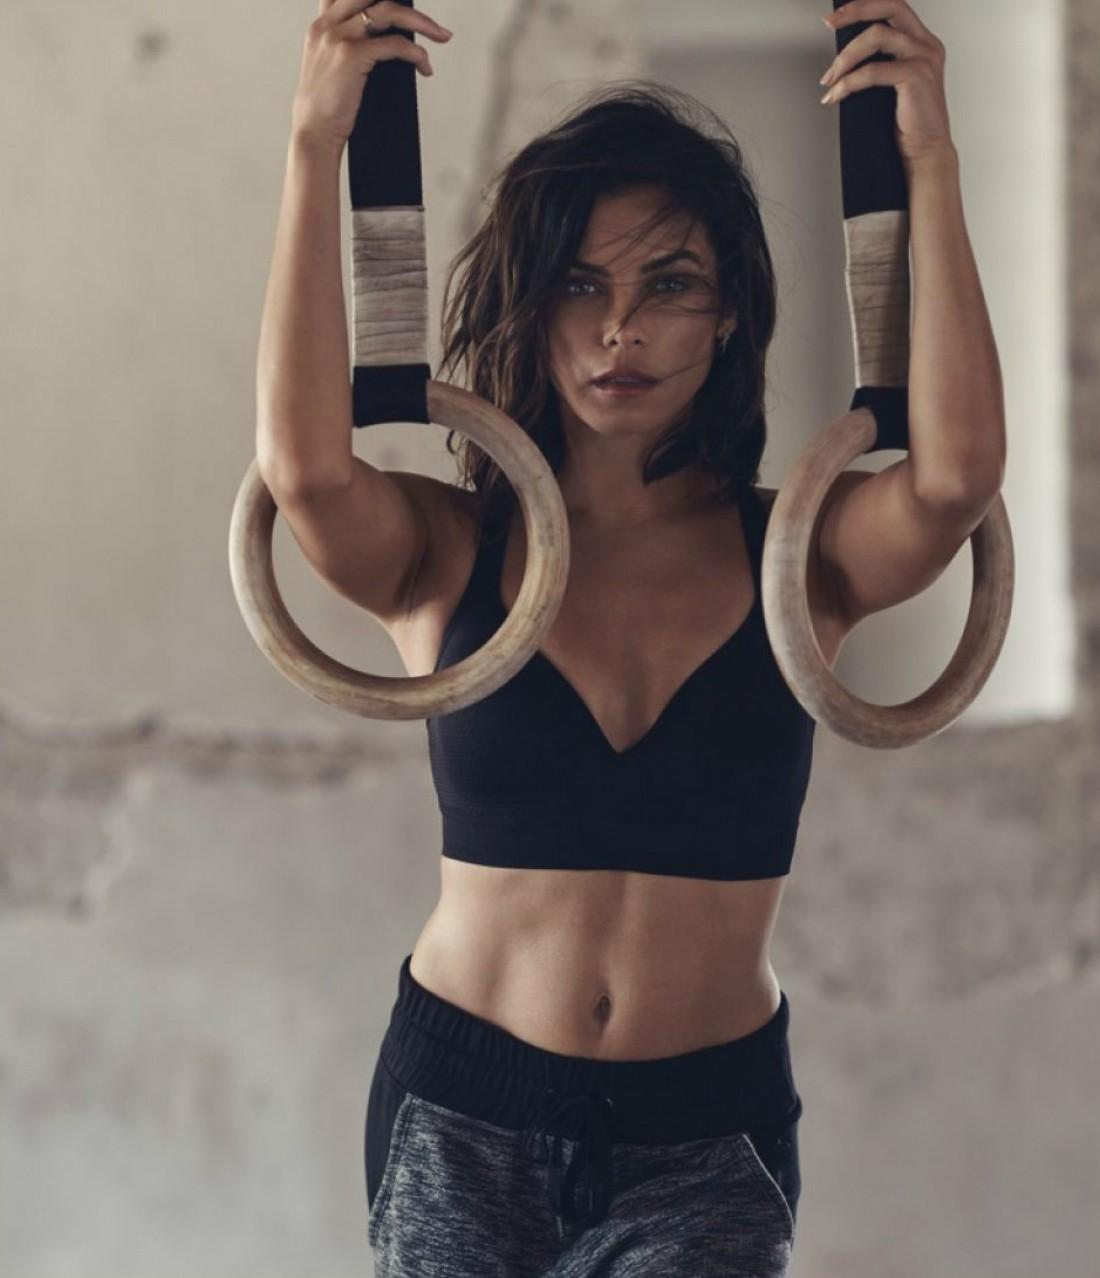 Узнай, как улучшить результаты своих тренировок